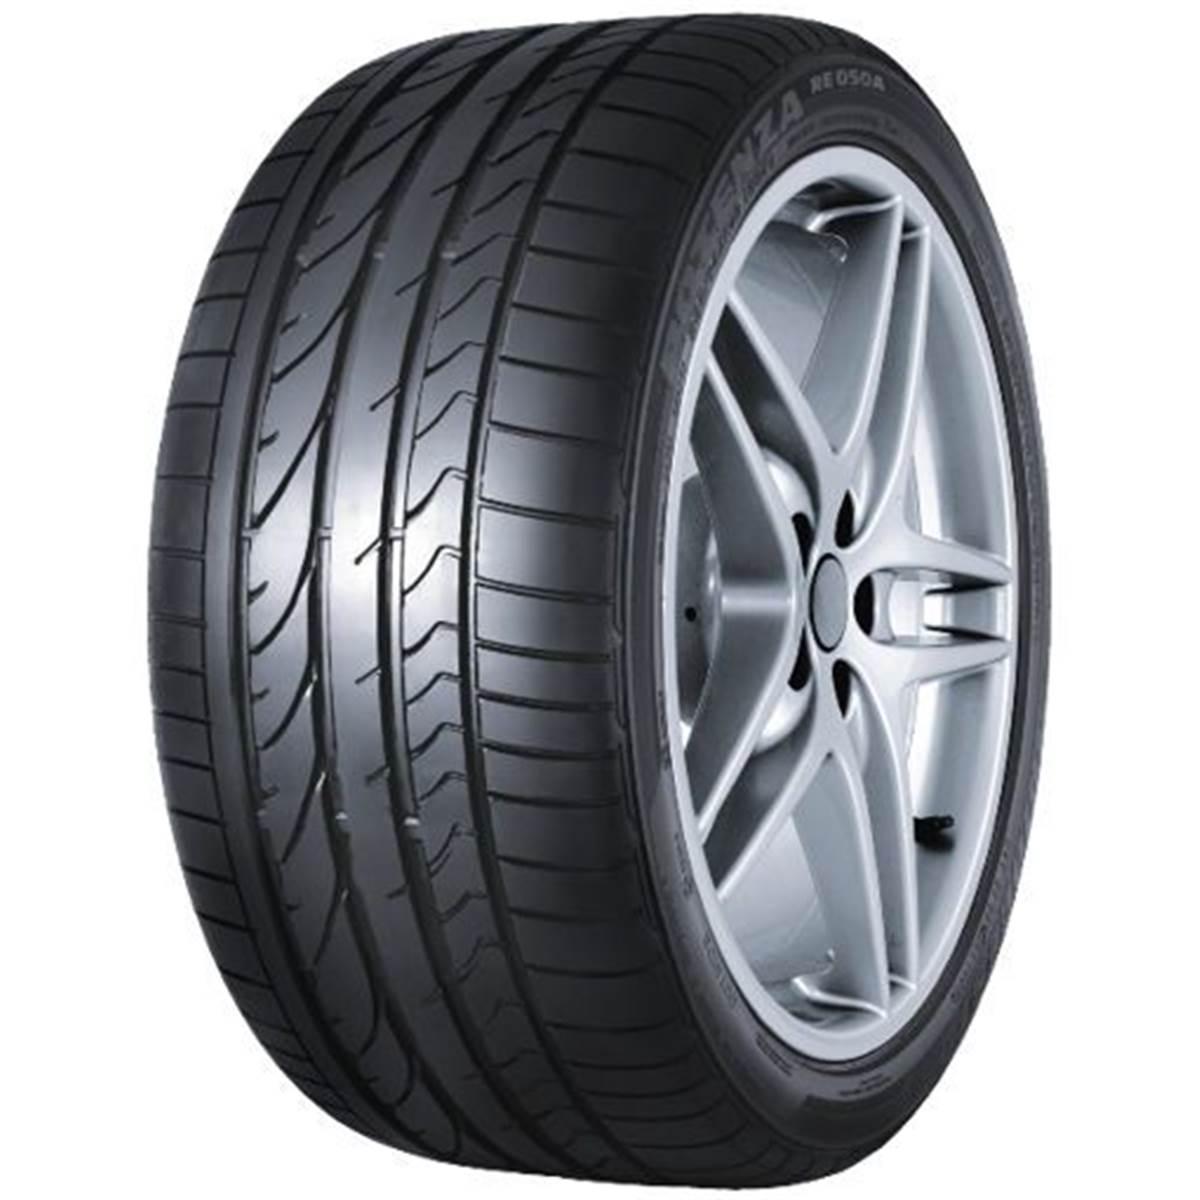 Pneu Bridgestone 285/35R20 100Y Potenza Re050A